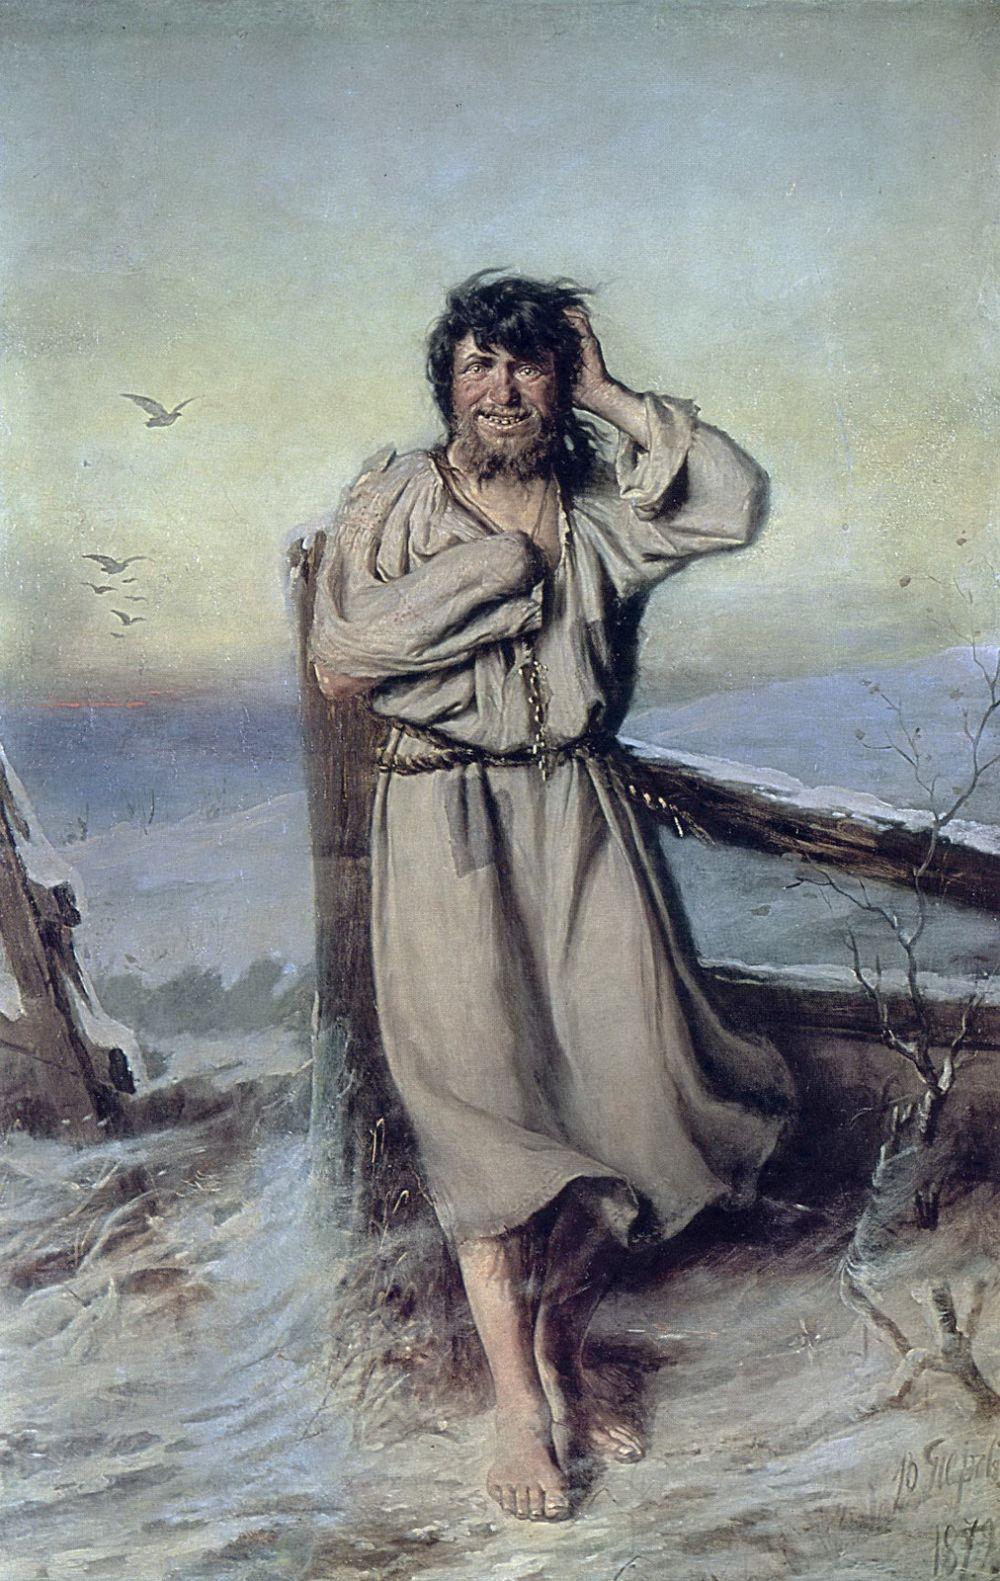 В 1879 году Василий Перов под влиянием печальных обстоятельств жизни начал серию «евангельских» картин, а также написал несколько эскизов на сюжеты русских народных сказок.